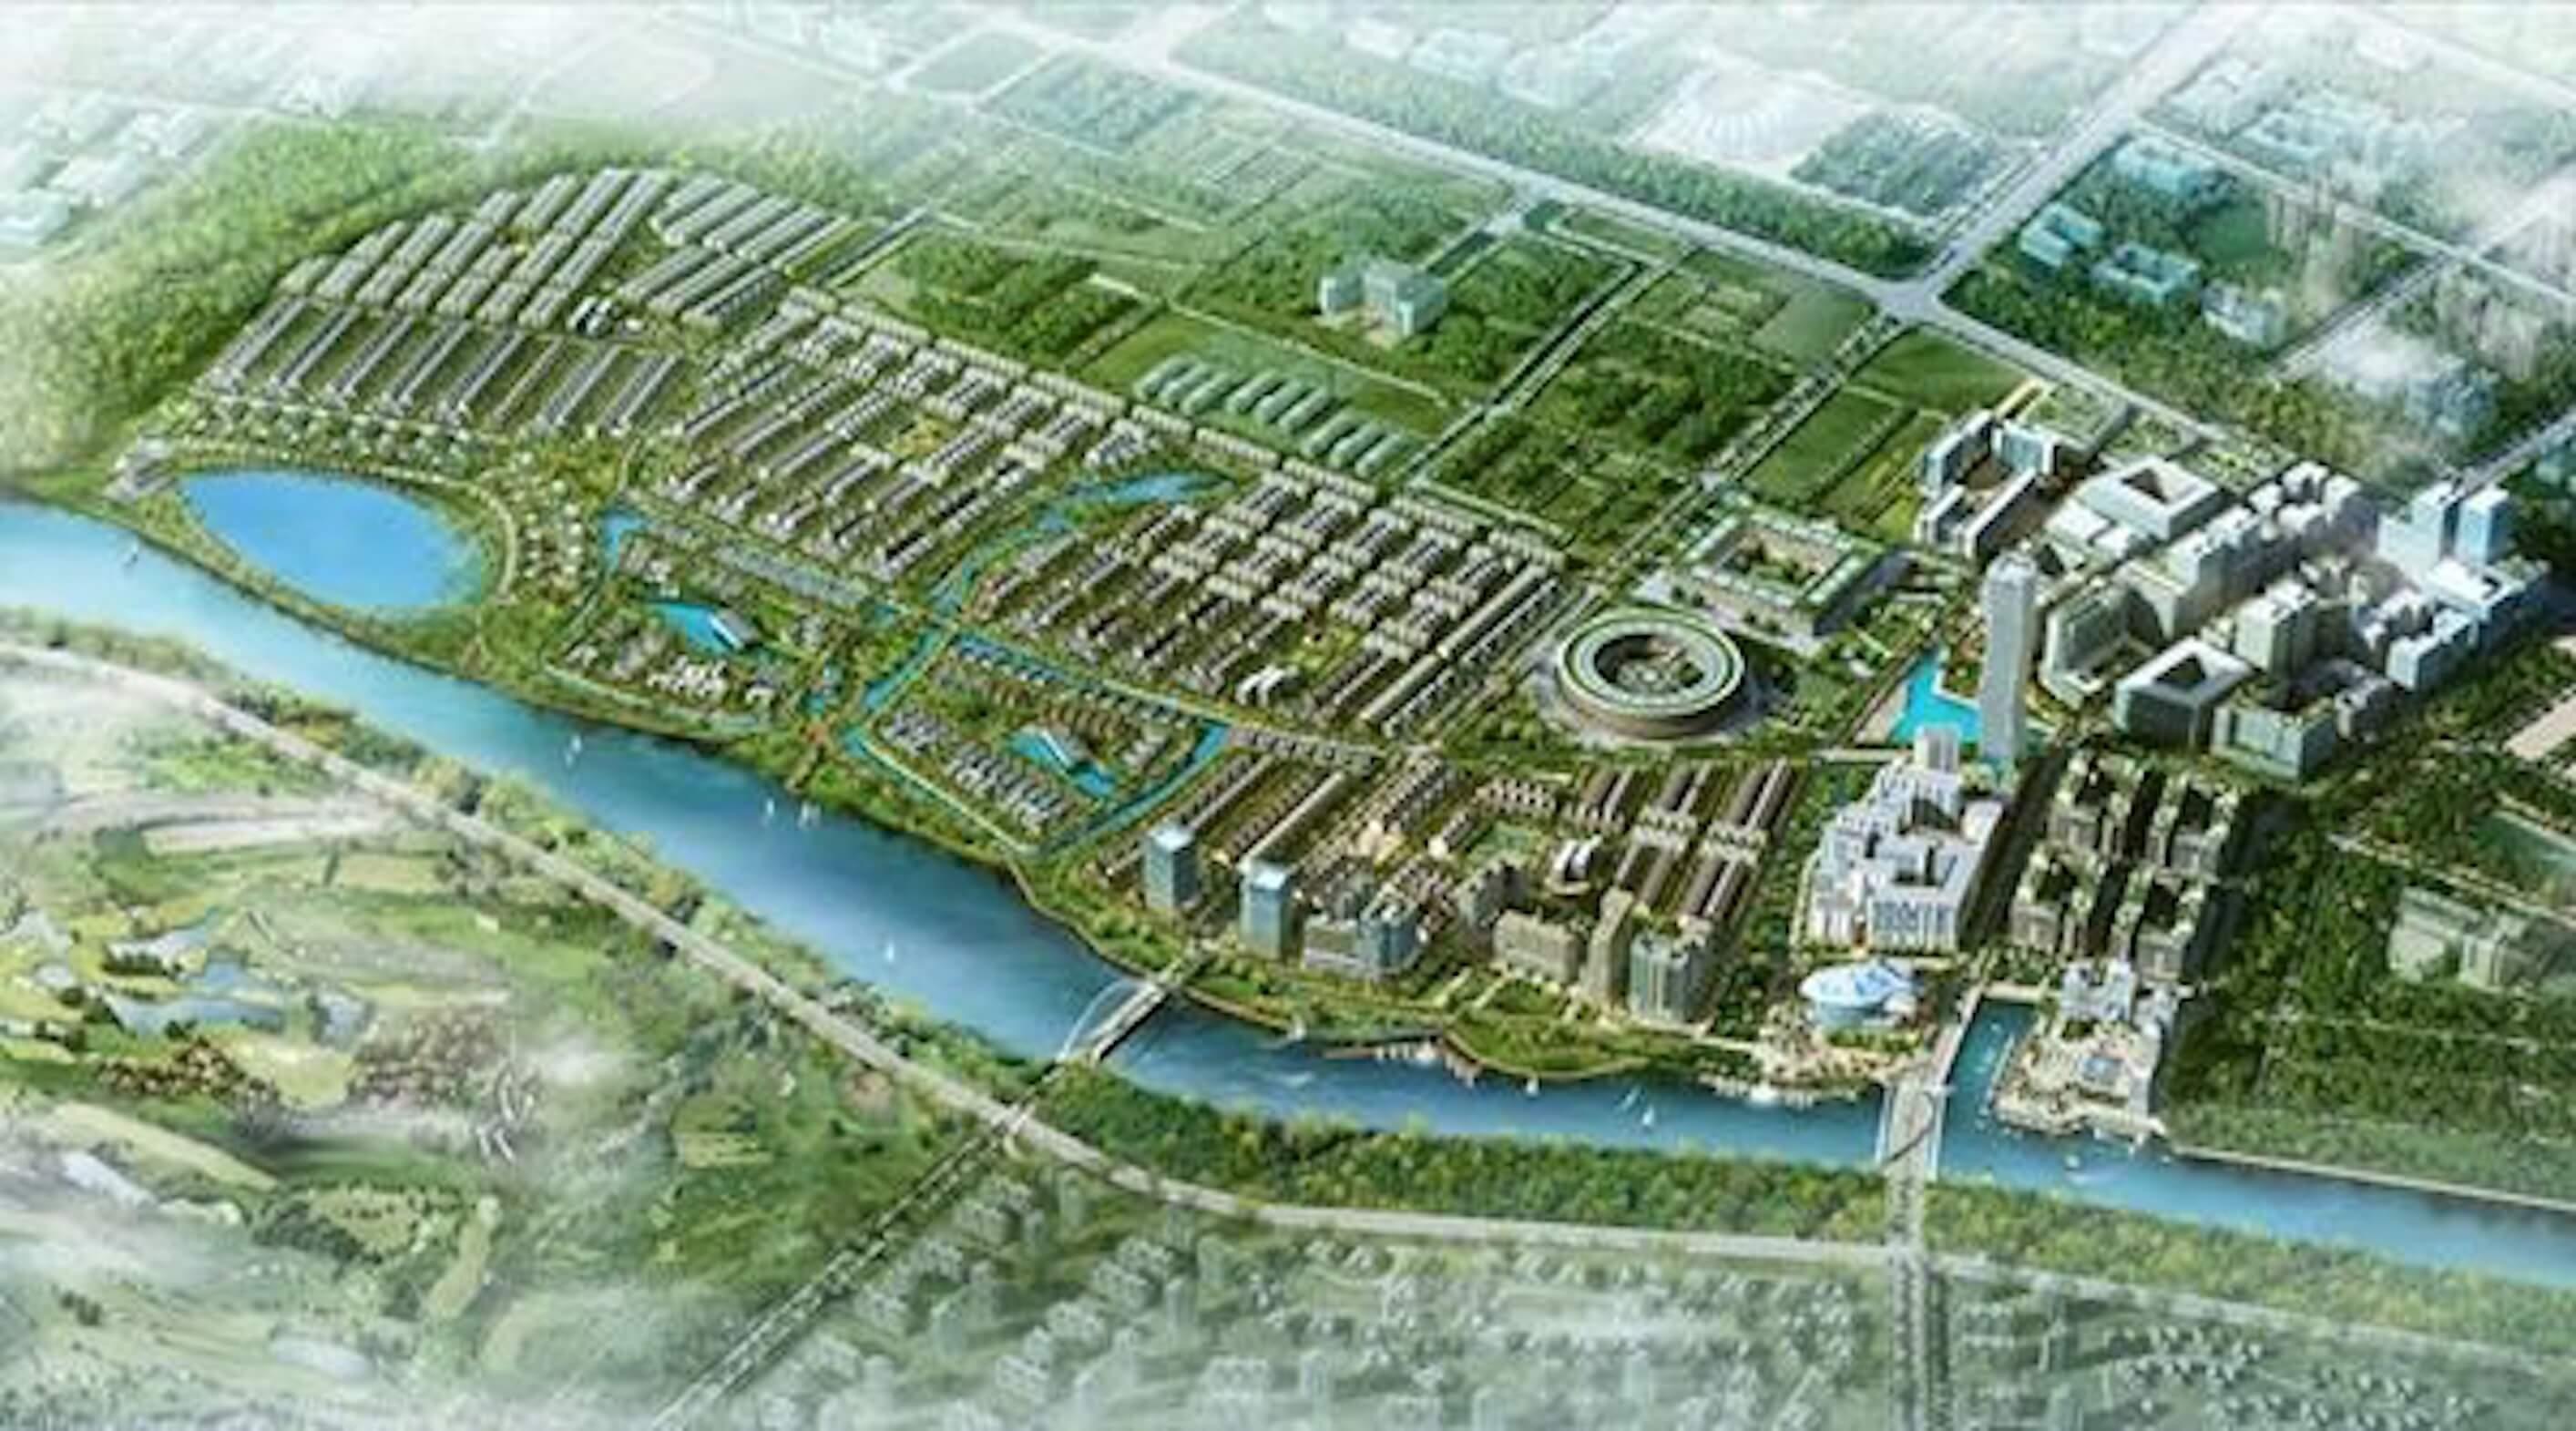 Bán Đất Nền103,4m2 FPT CITY Đà Nẵng Giá Sụp Hầm